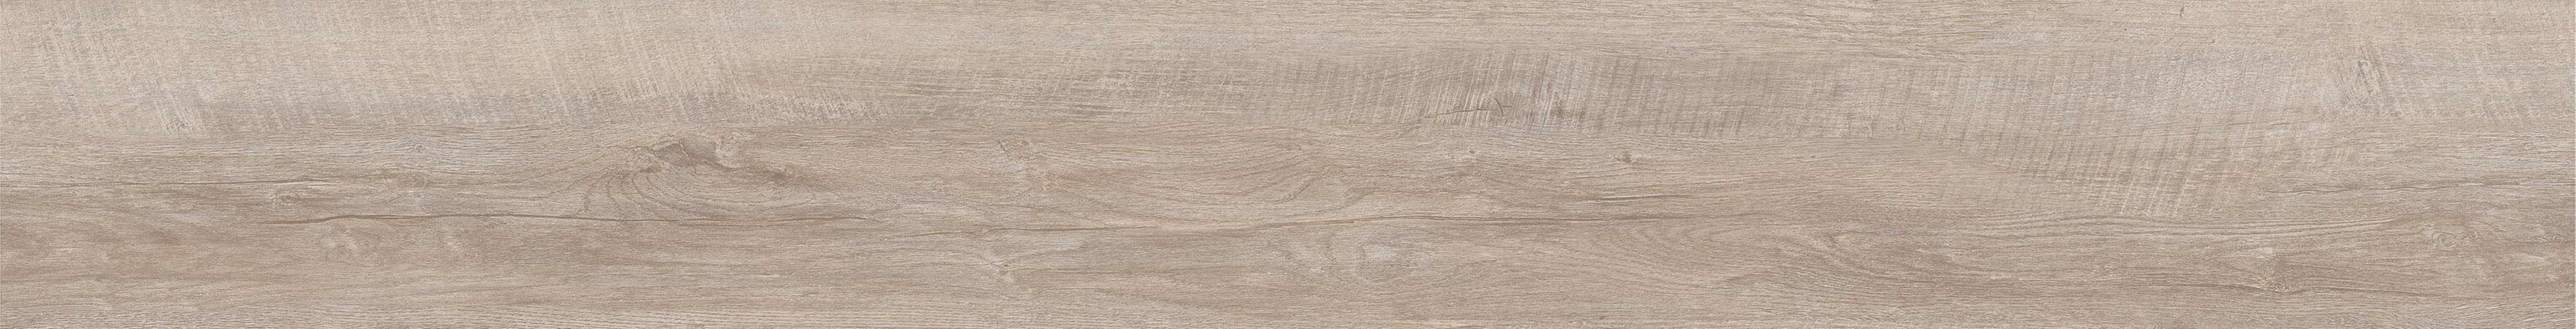 vinilicos-biancogres-clicado-marino